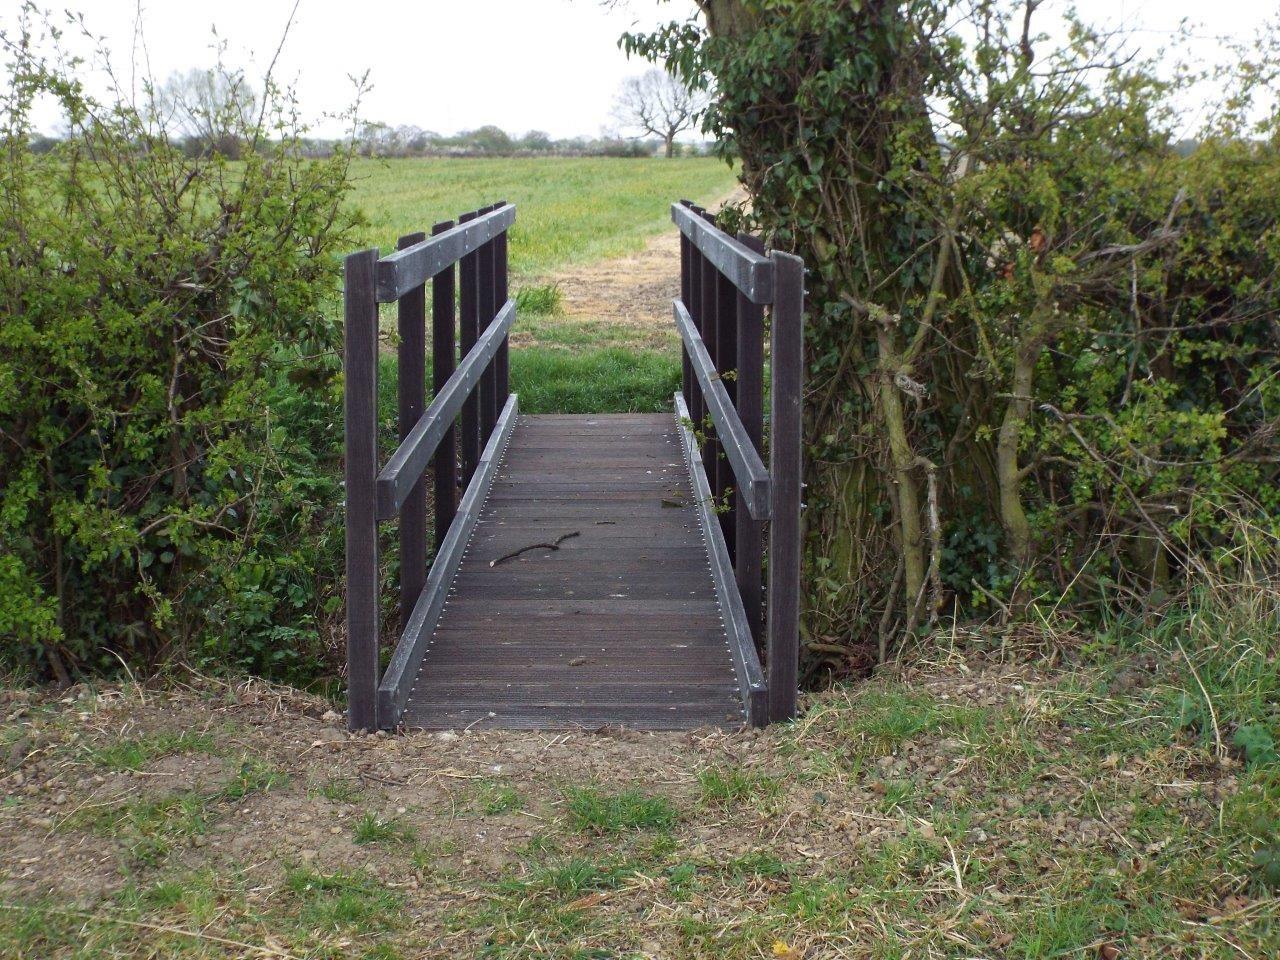 A GRP footbridge